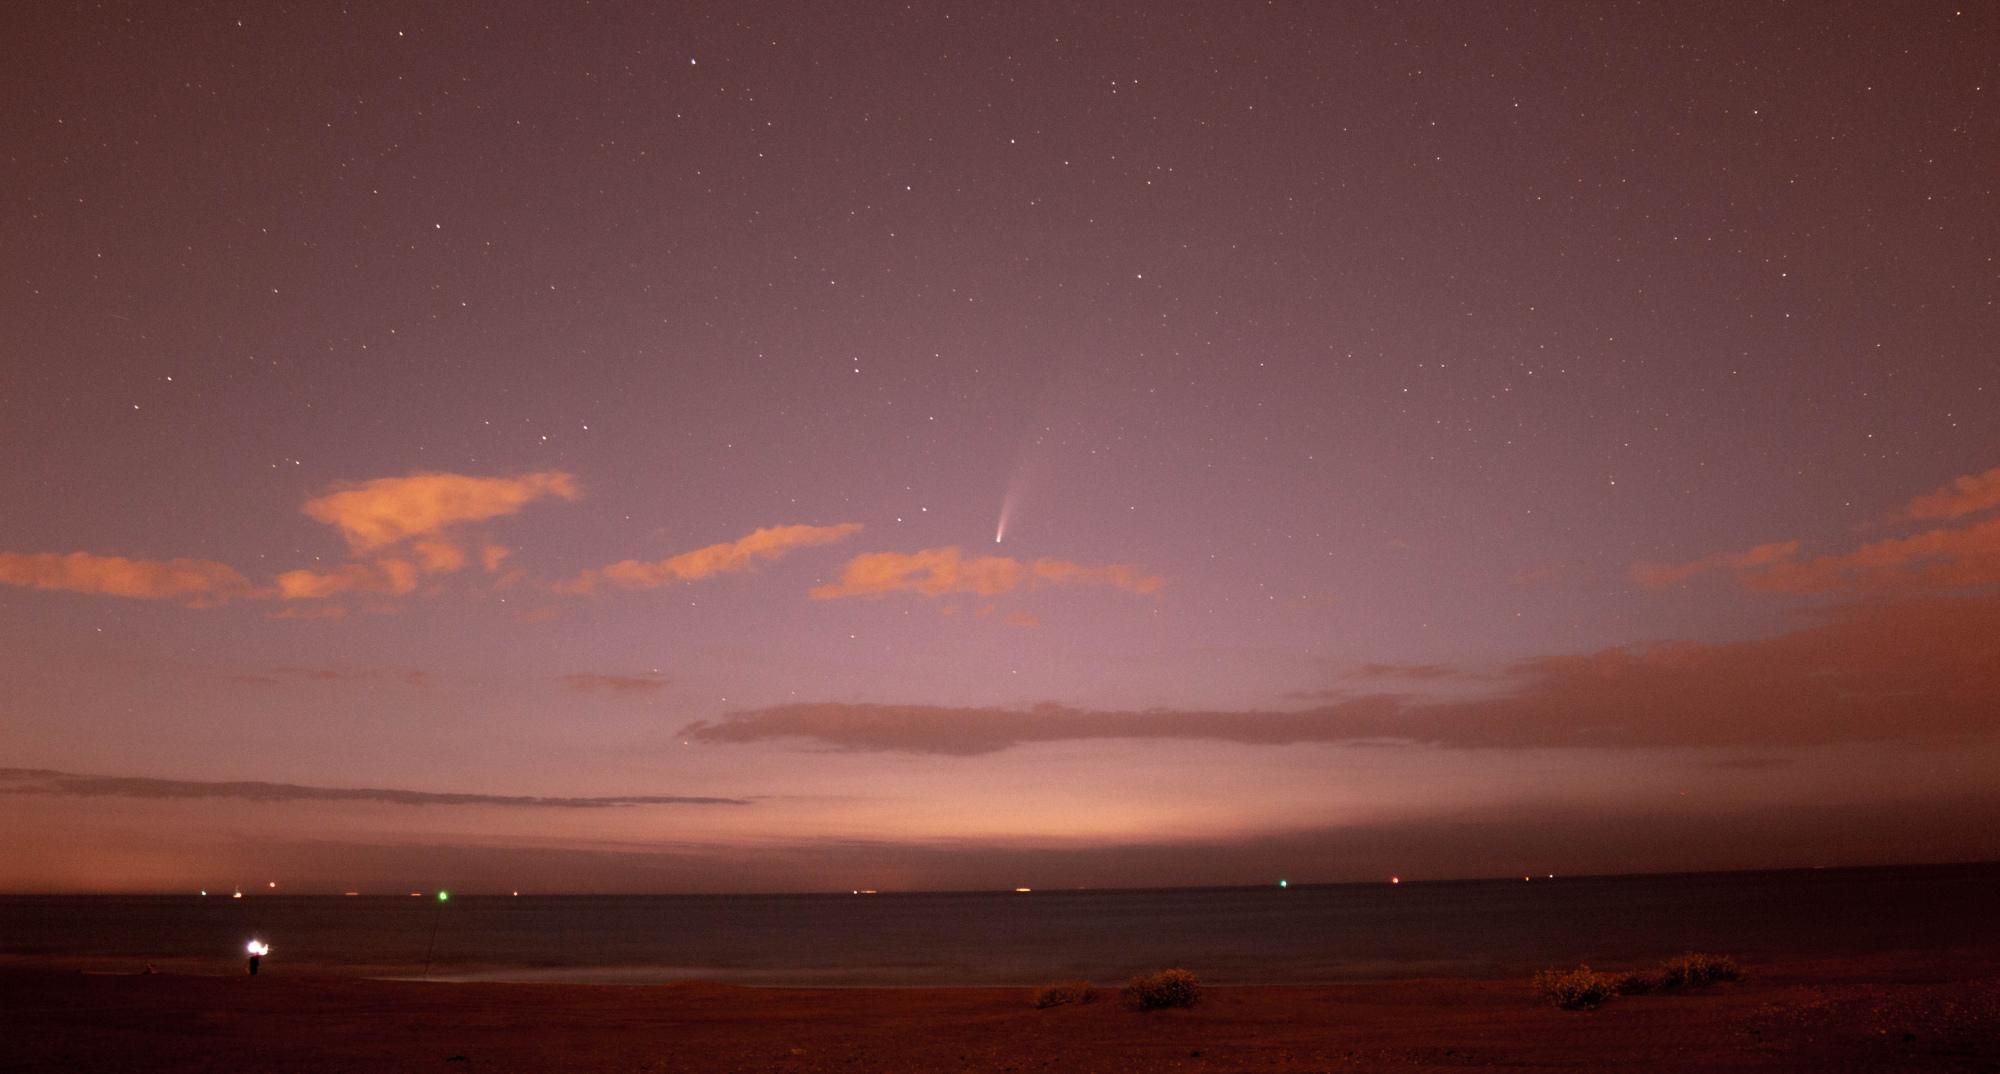 test comet.jpg